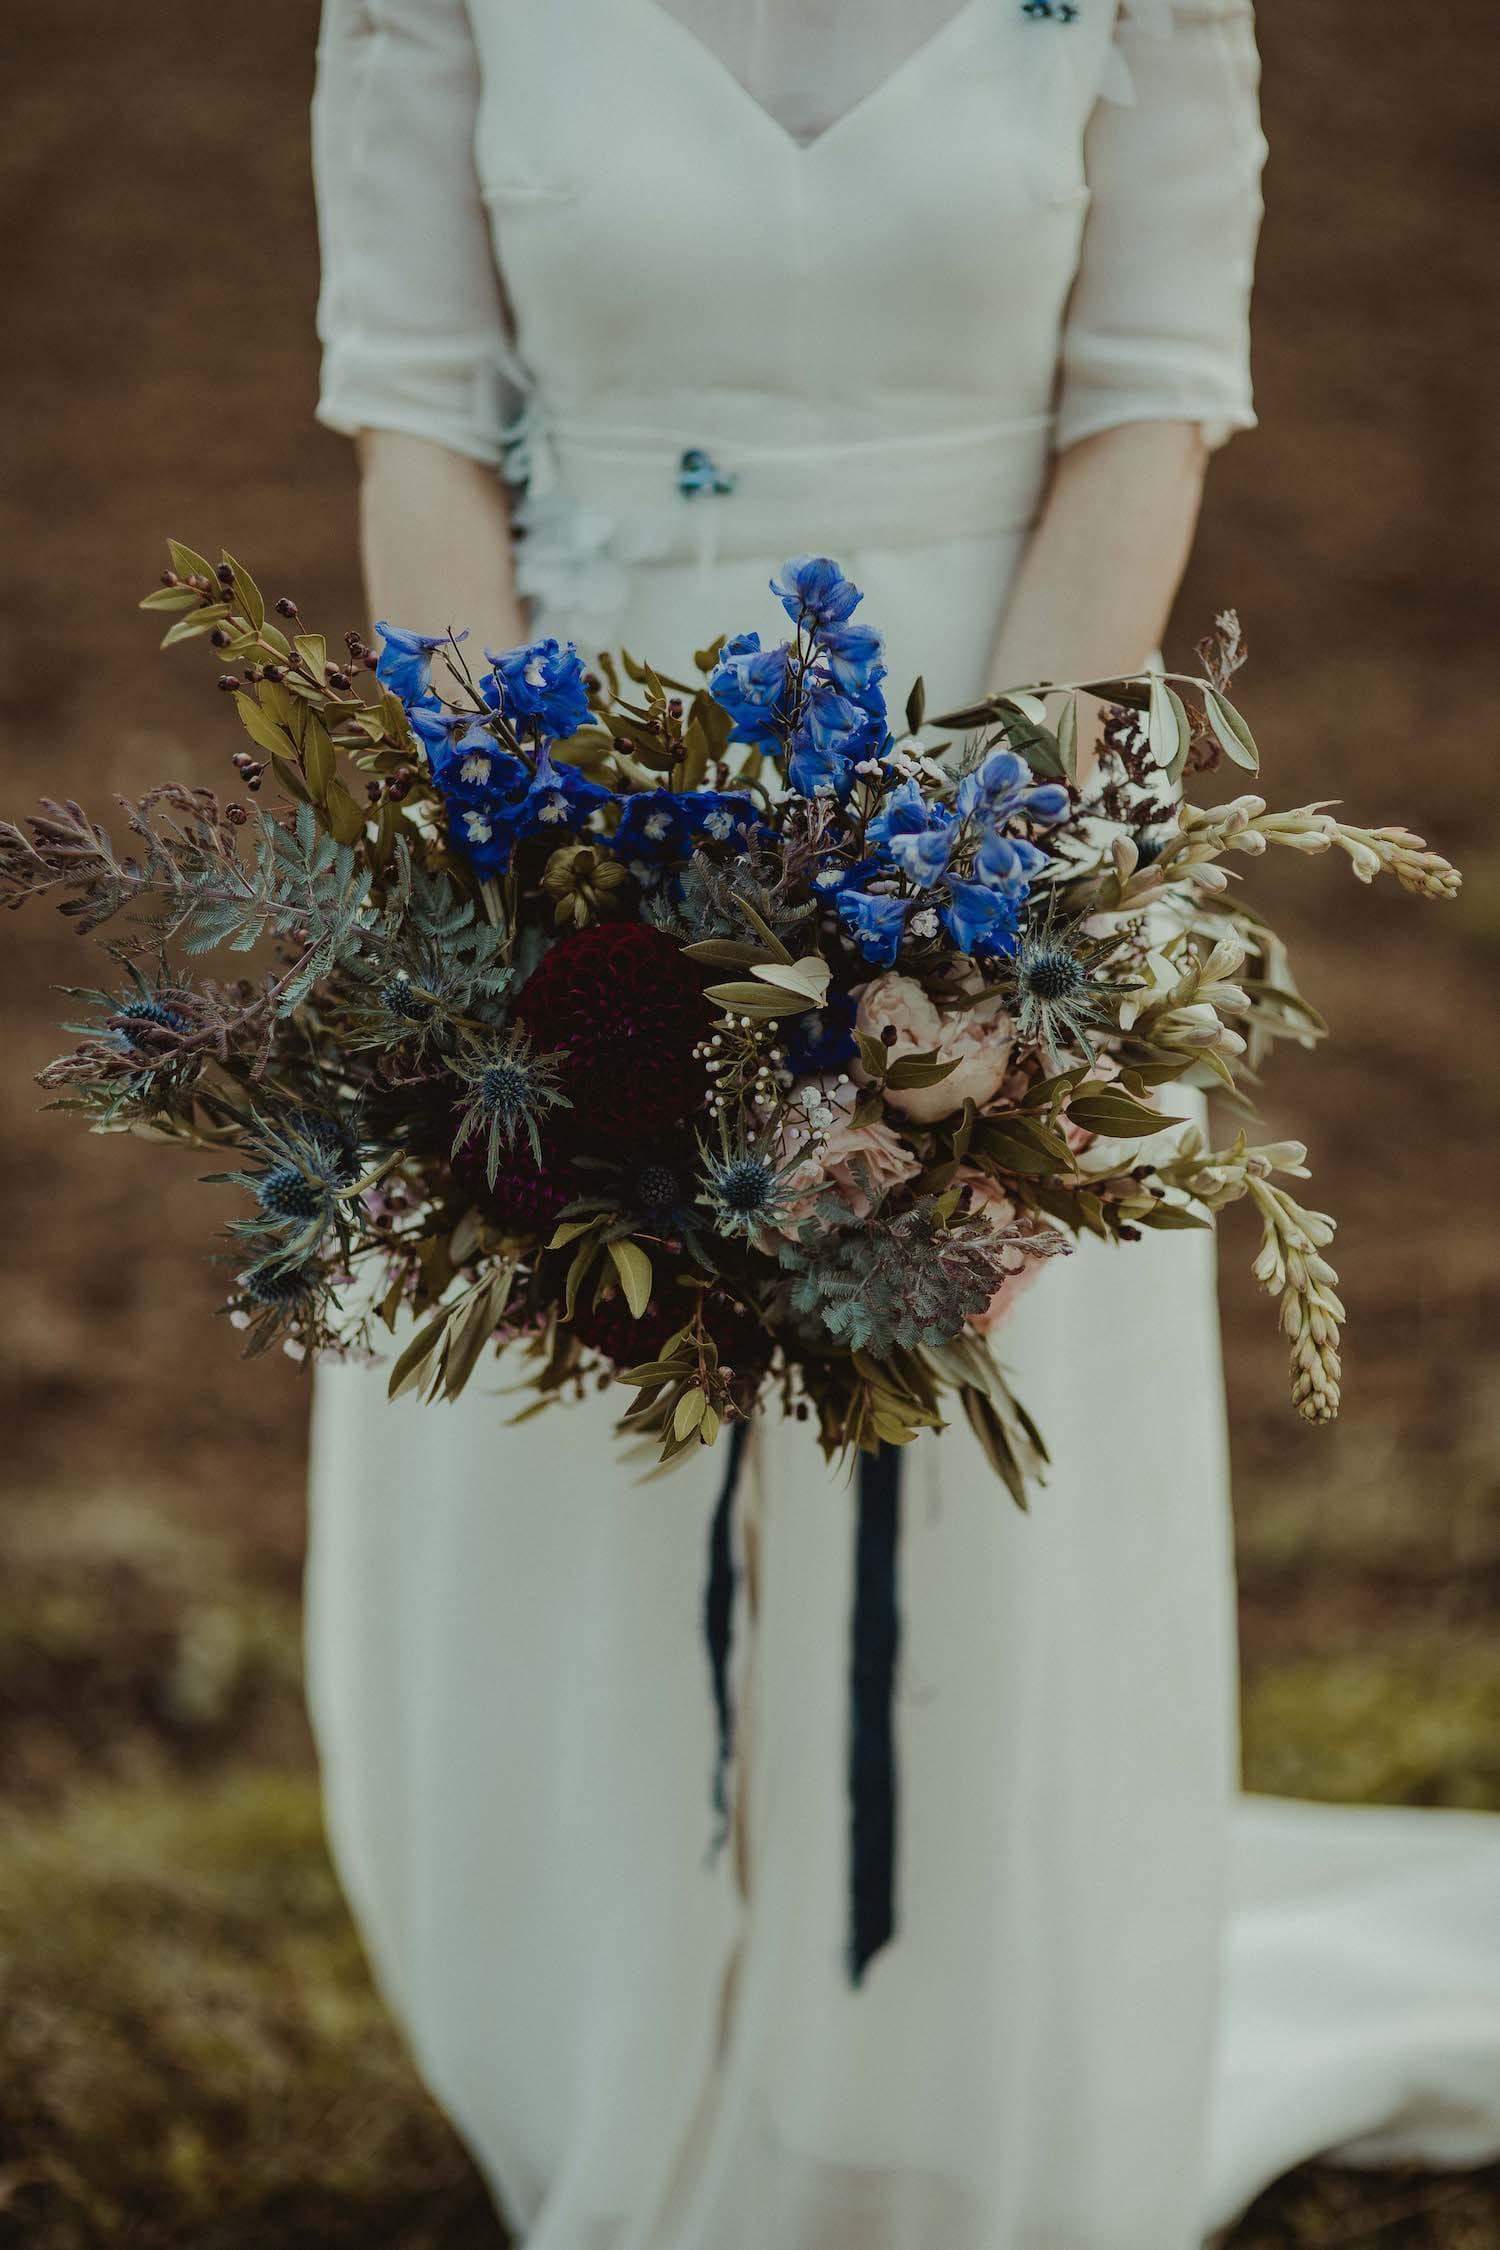 Atelier Aimer - Fleuriste mariage - Blog mariage : La mariée aux pieds nus